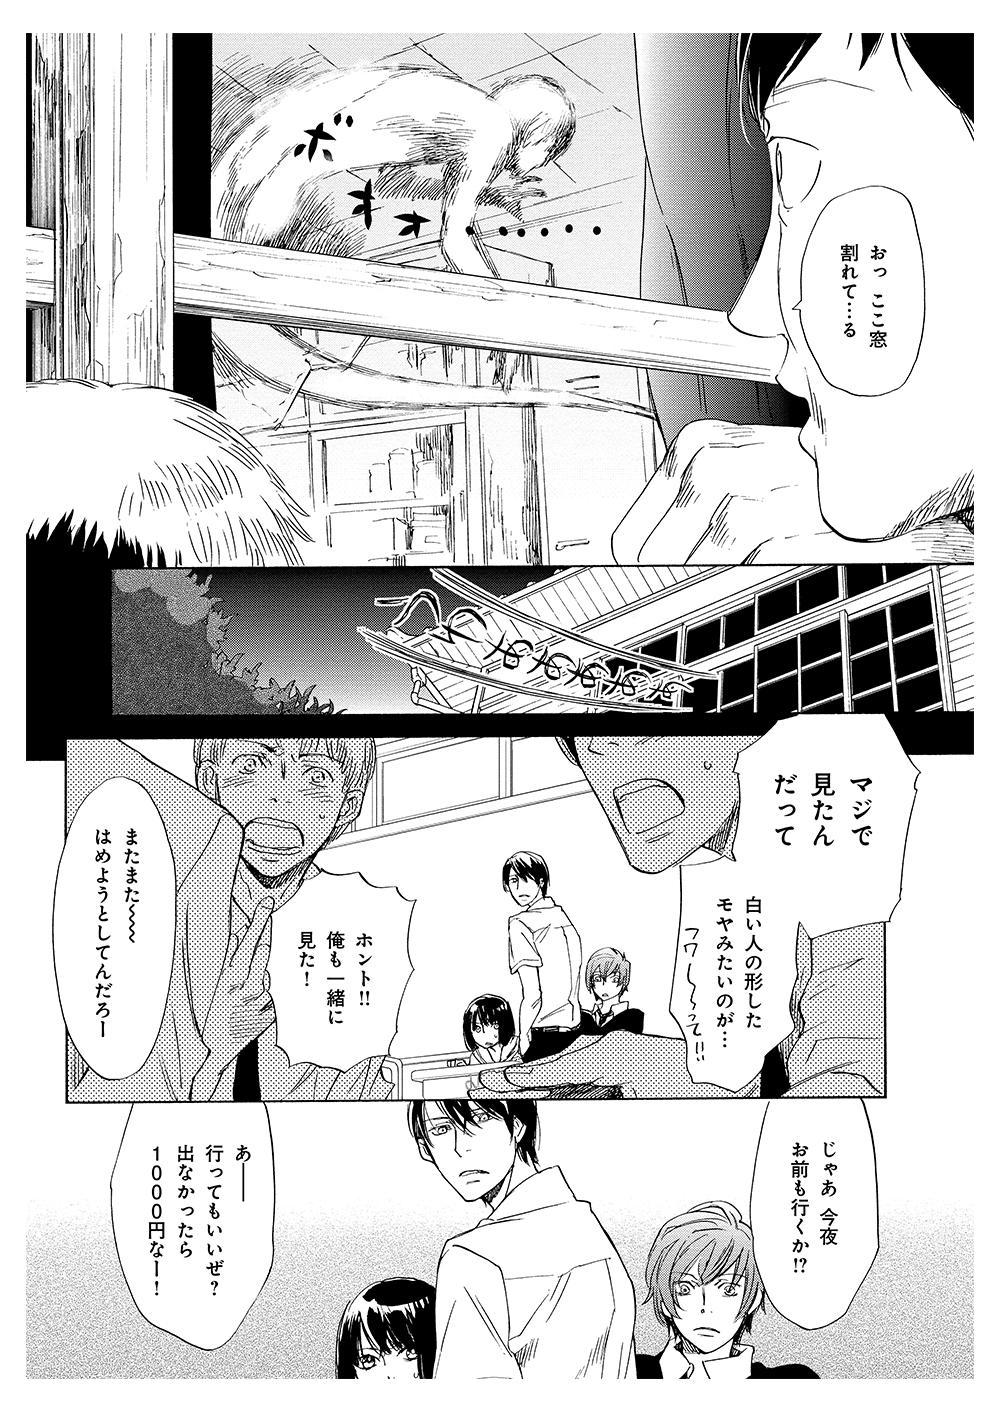 少女ゴーレムと理科室の変人たち 第2話①golem03-15.jpg